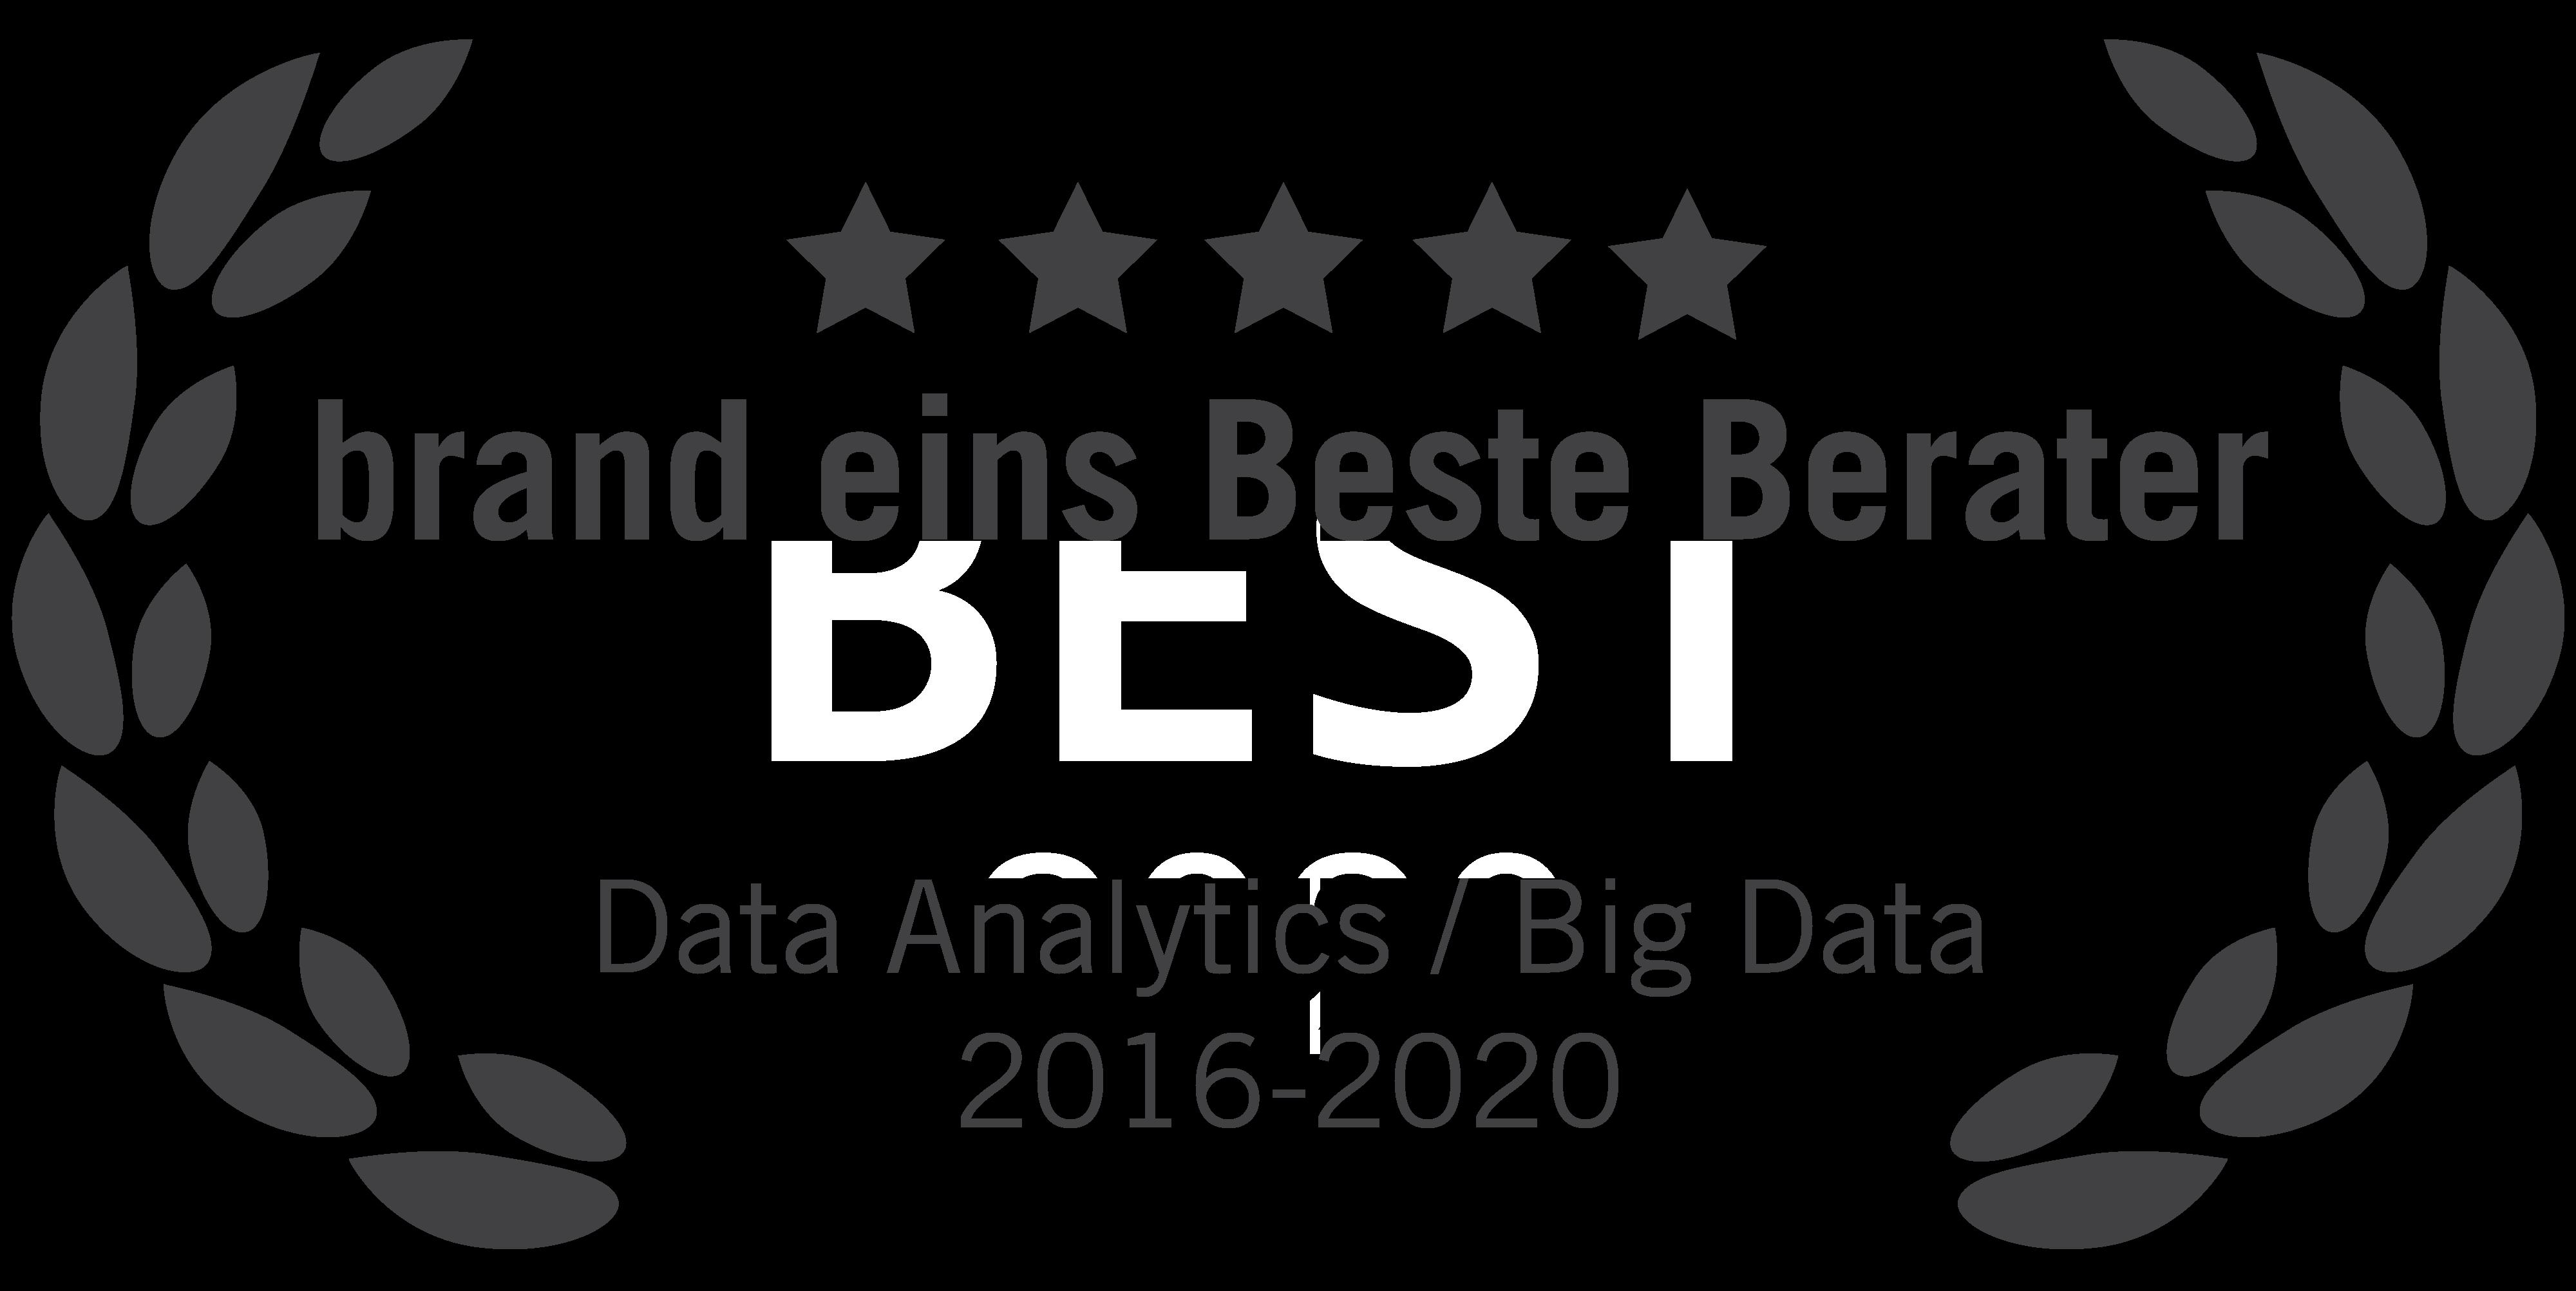 """Das Wirtschaftsmagazin brand eins hat blueforte zum fünften Mal in Folge als """"Beste Berater"""" ausgezeichnet. Das Unternehmen konnte dabei in den Kategorien """"Internet & E-Commerce"""" (Platz 8), """"IT Implementierung"""" (Platz 38) und """"Data Analytics und Big Data"""" (Platz 6) überzeugen."""